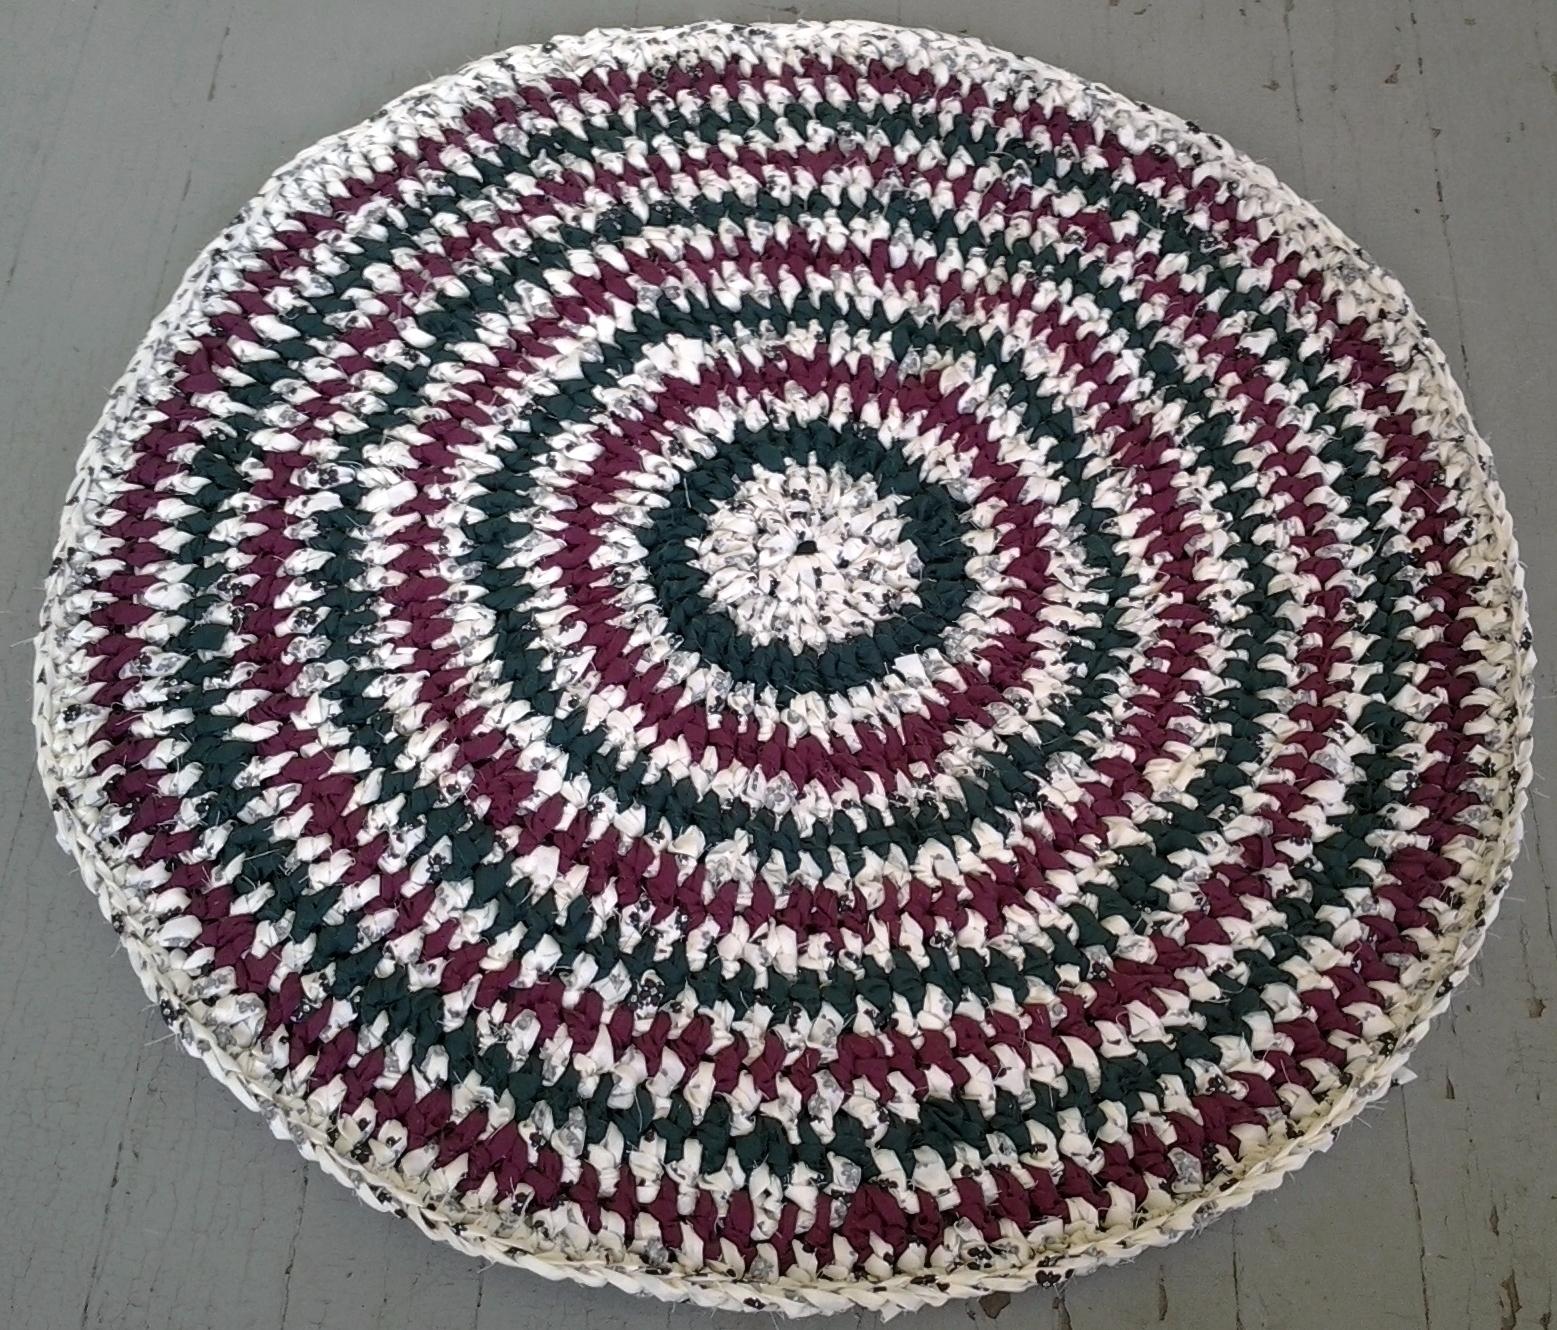 Rag Rug Handmade Crochet Recycled Sheets Green Maroon